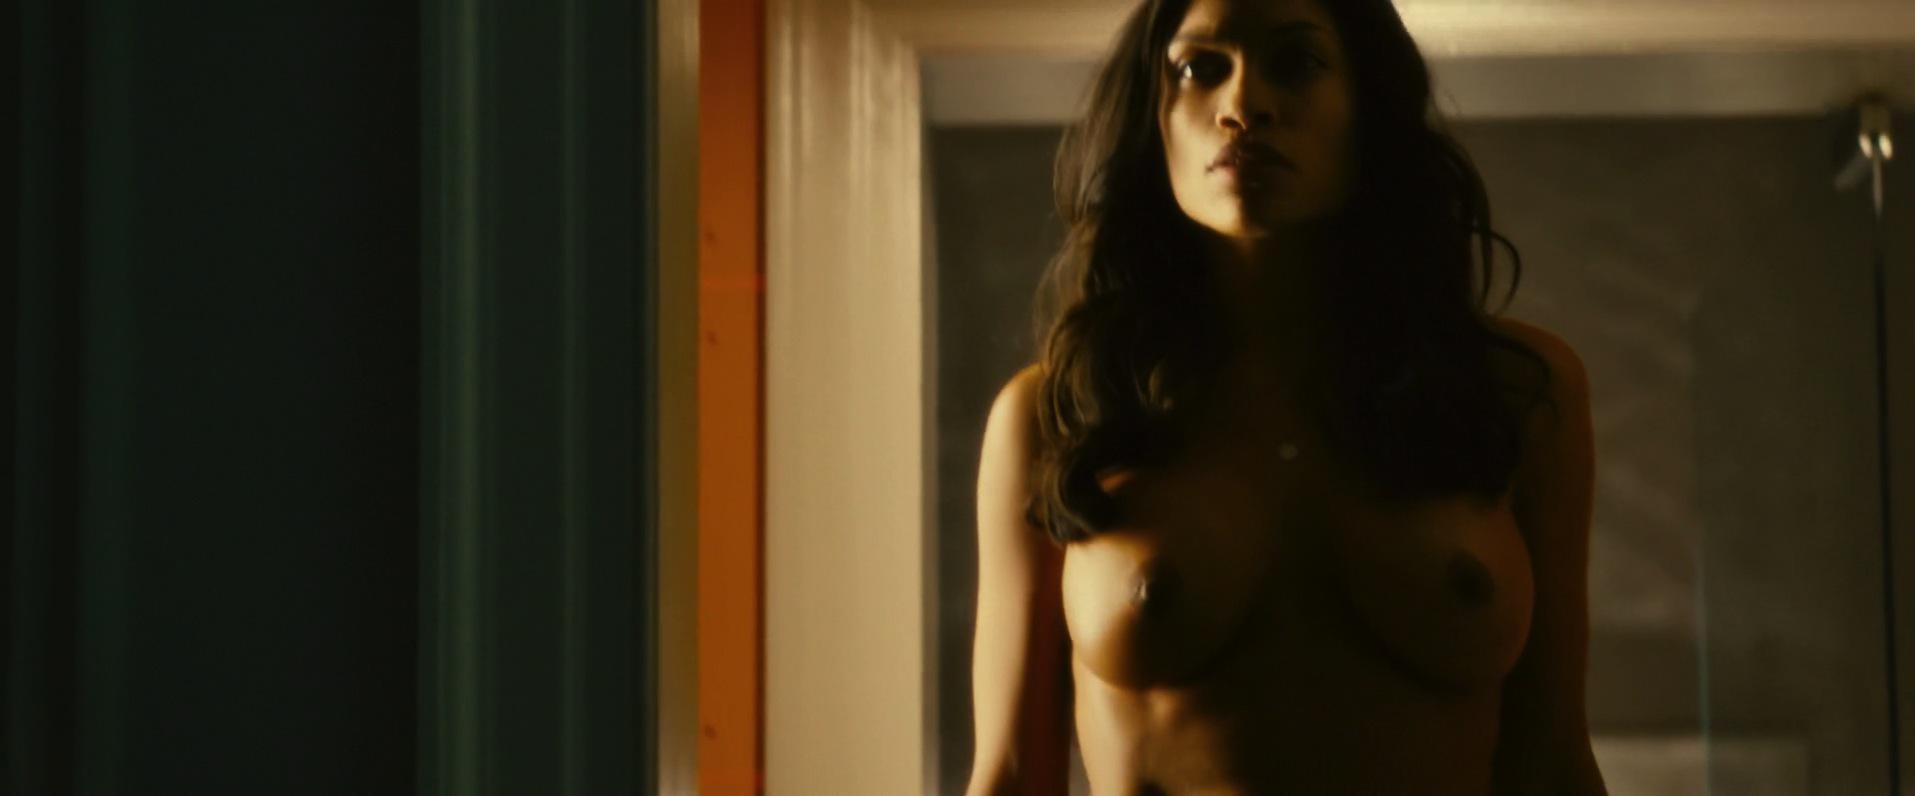 Rosario dawson nude xxx — pic 2